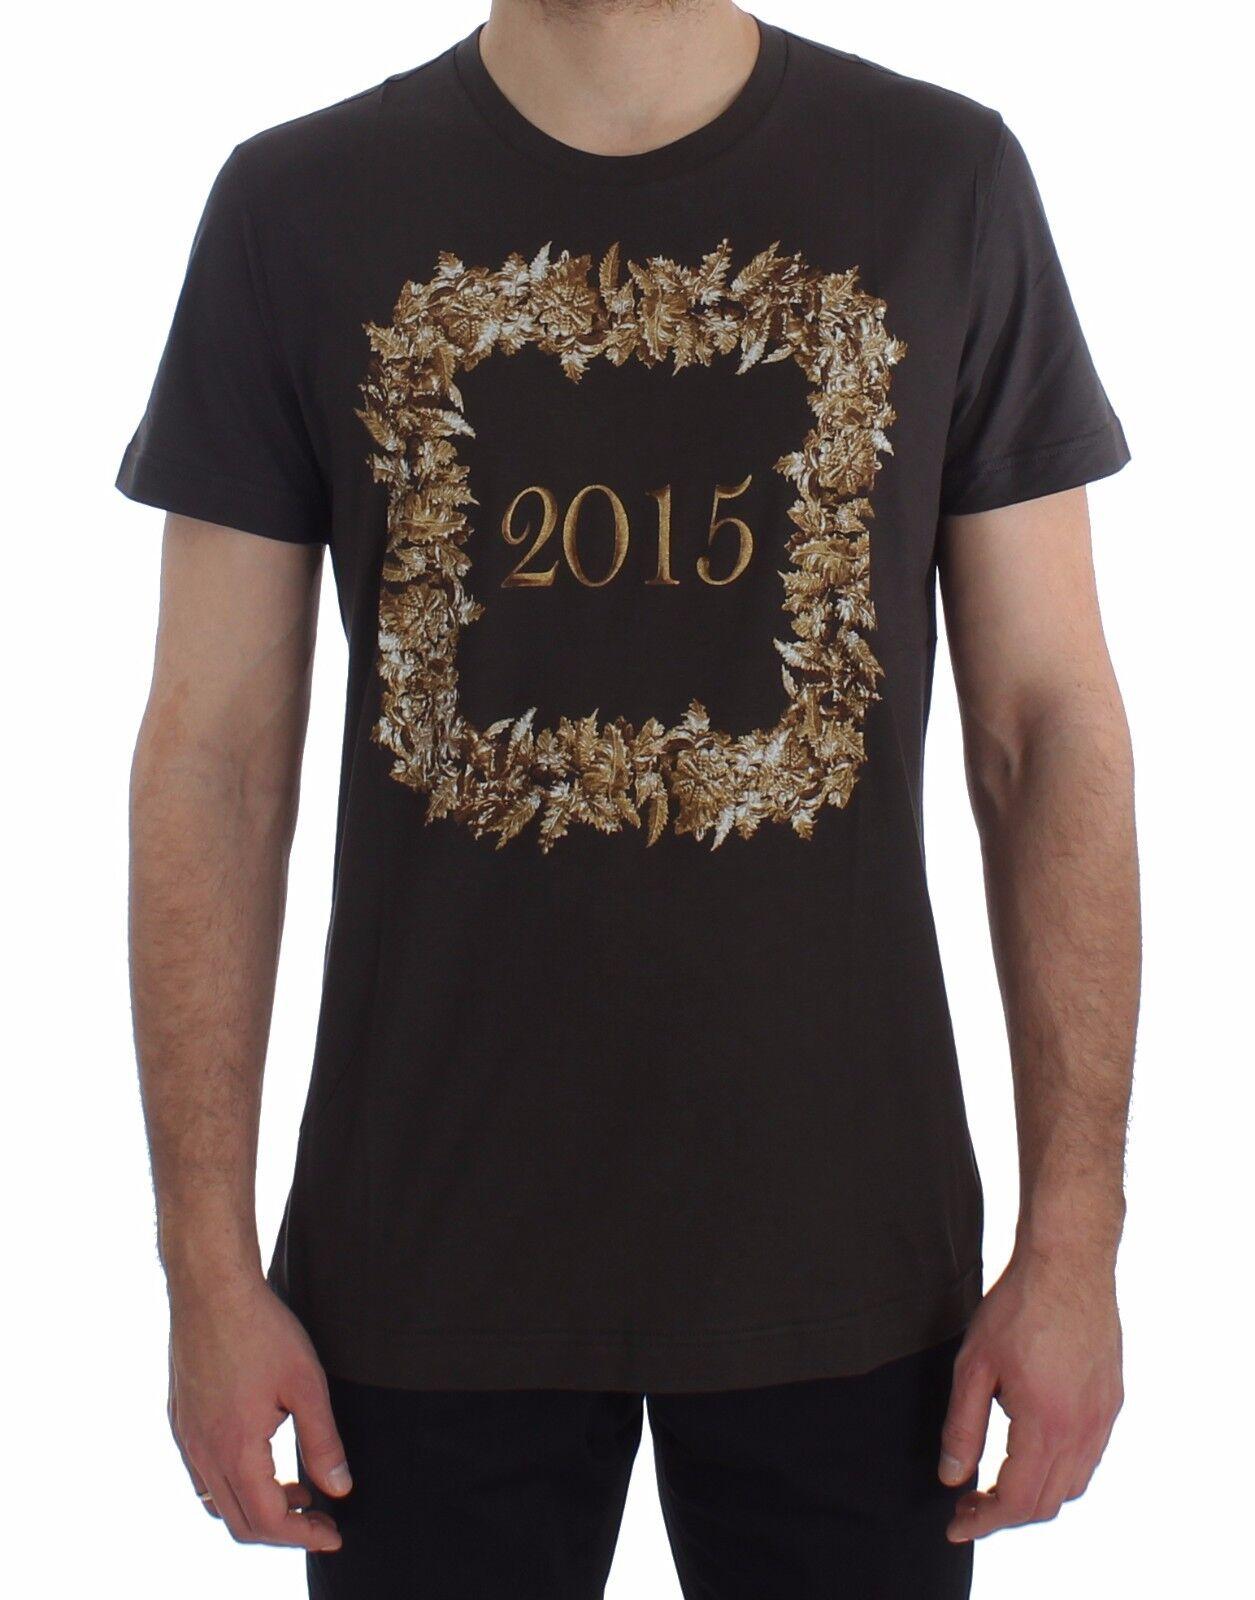 Nuovo Dolce & Gabbana T-Shirt Girocollo 2015 Motive Stampa Scuro Grigio Cotone